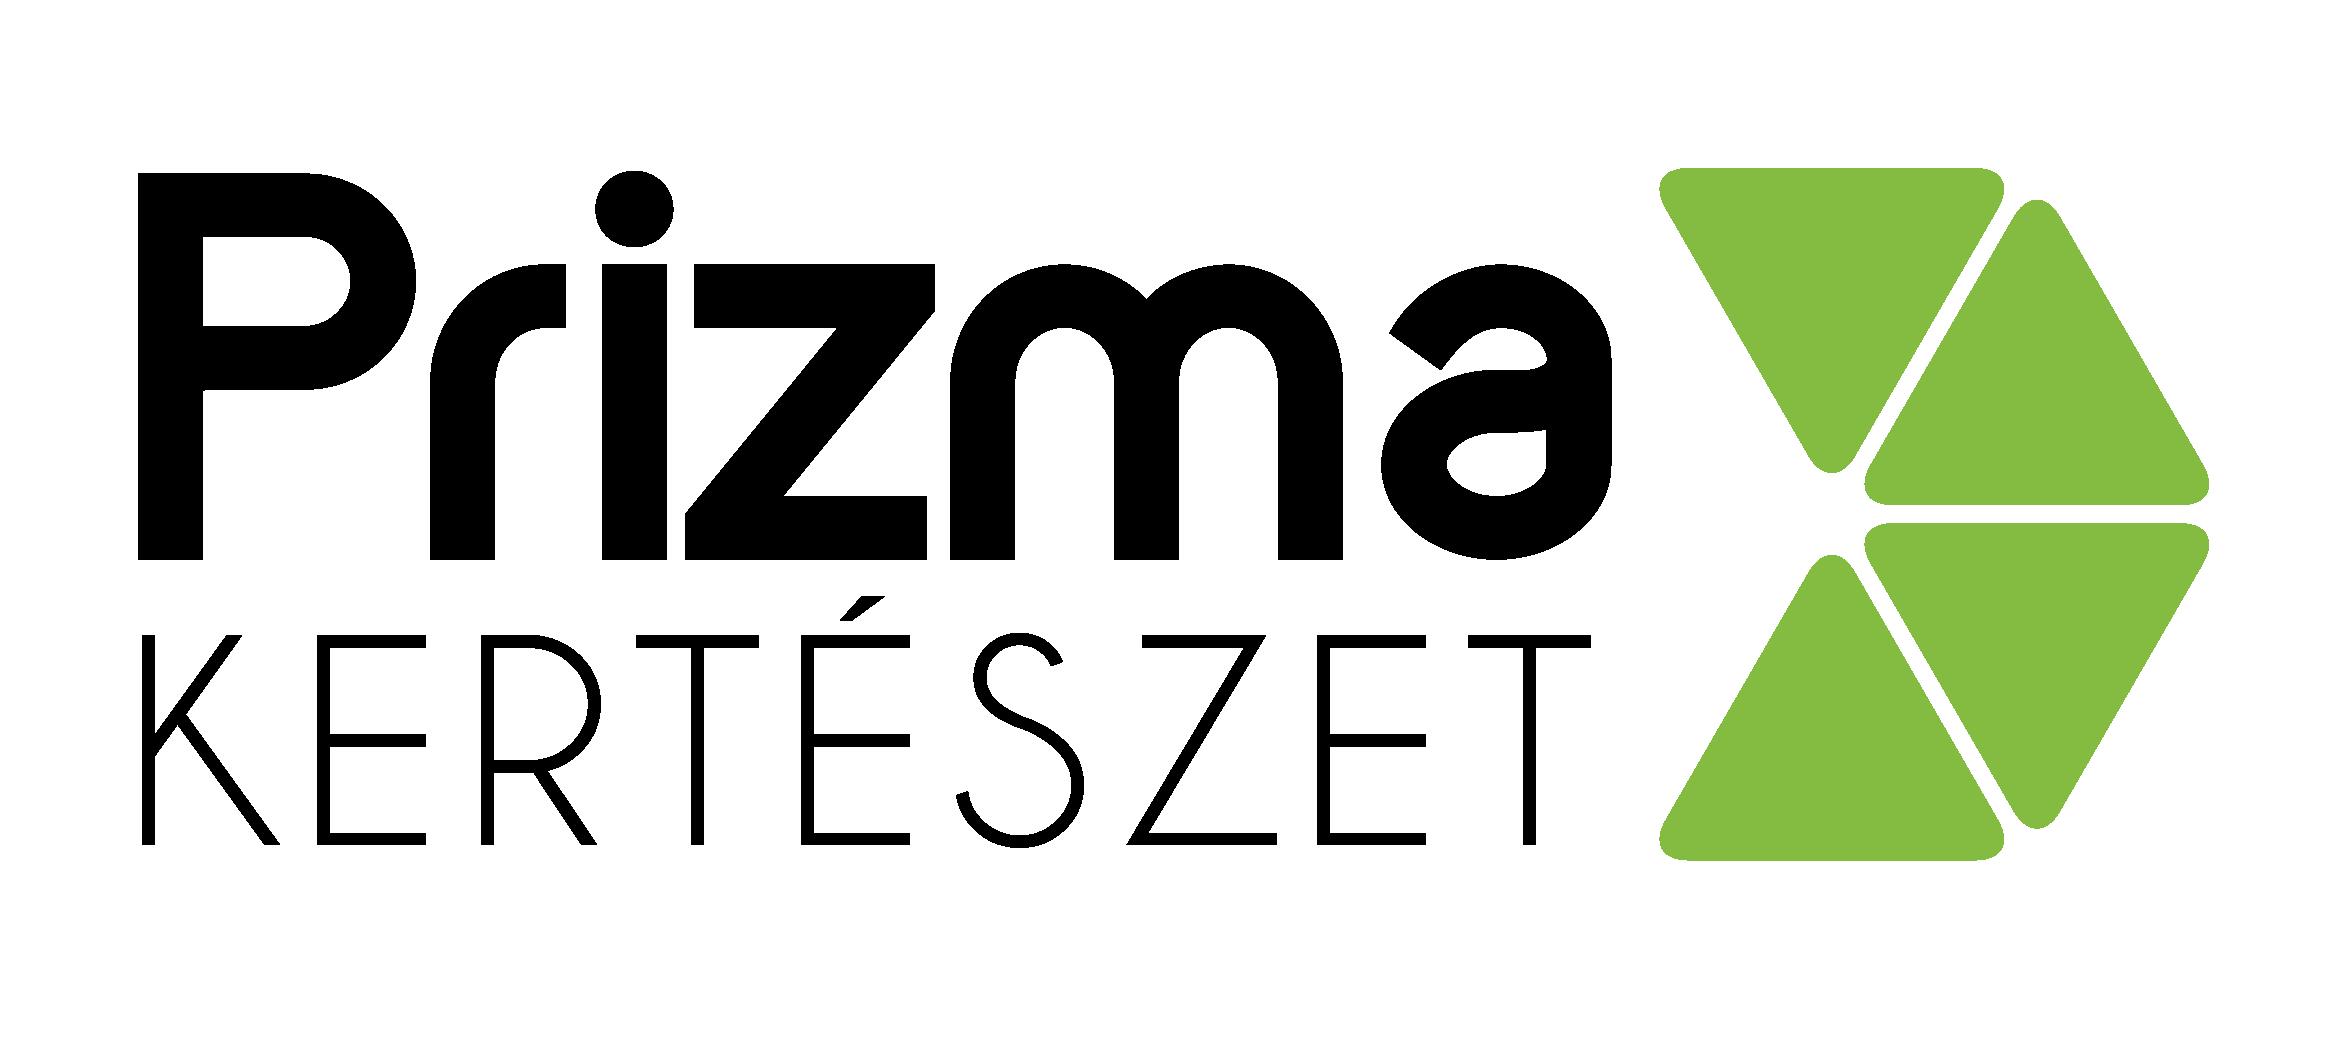 Prizma Csoport - Szolgáltatások - Kertészet